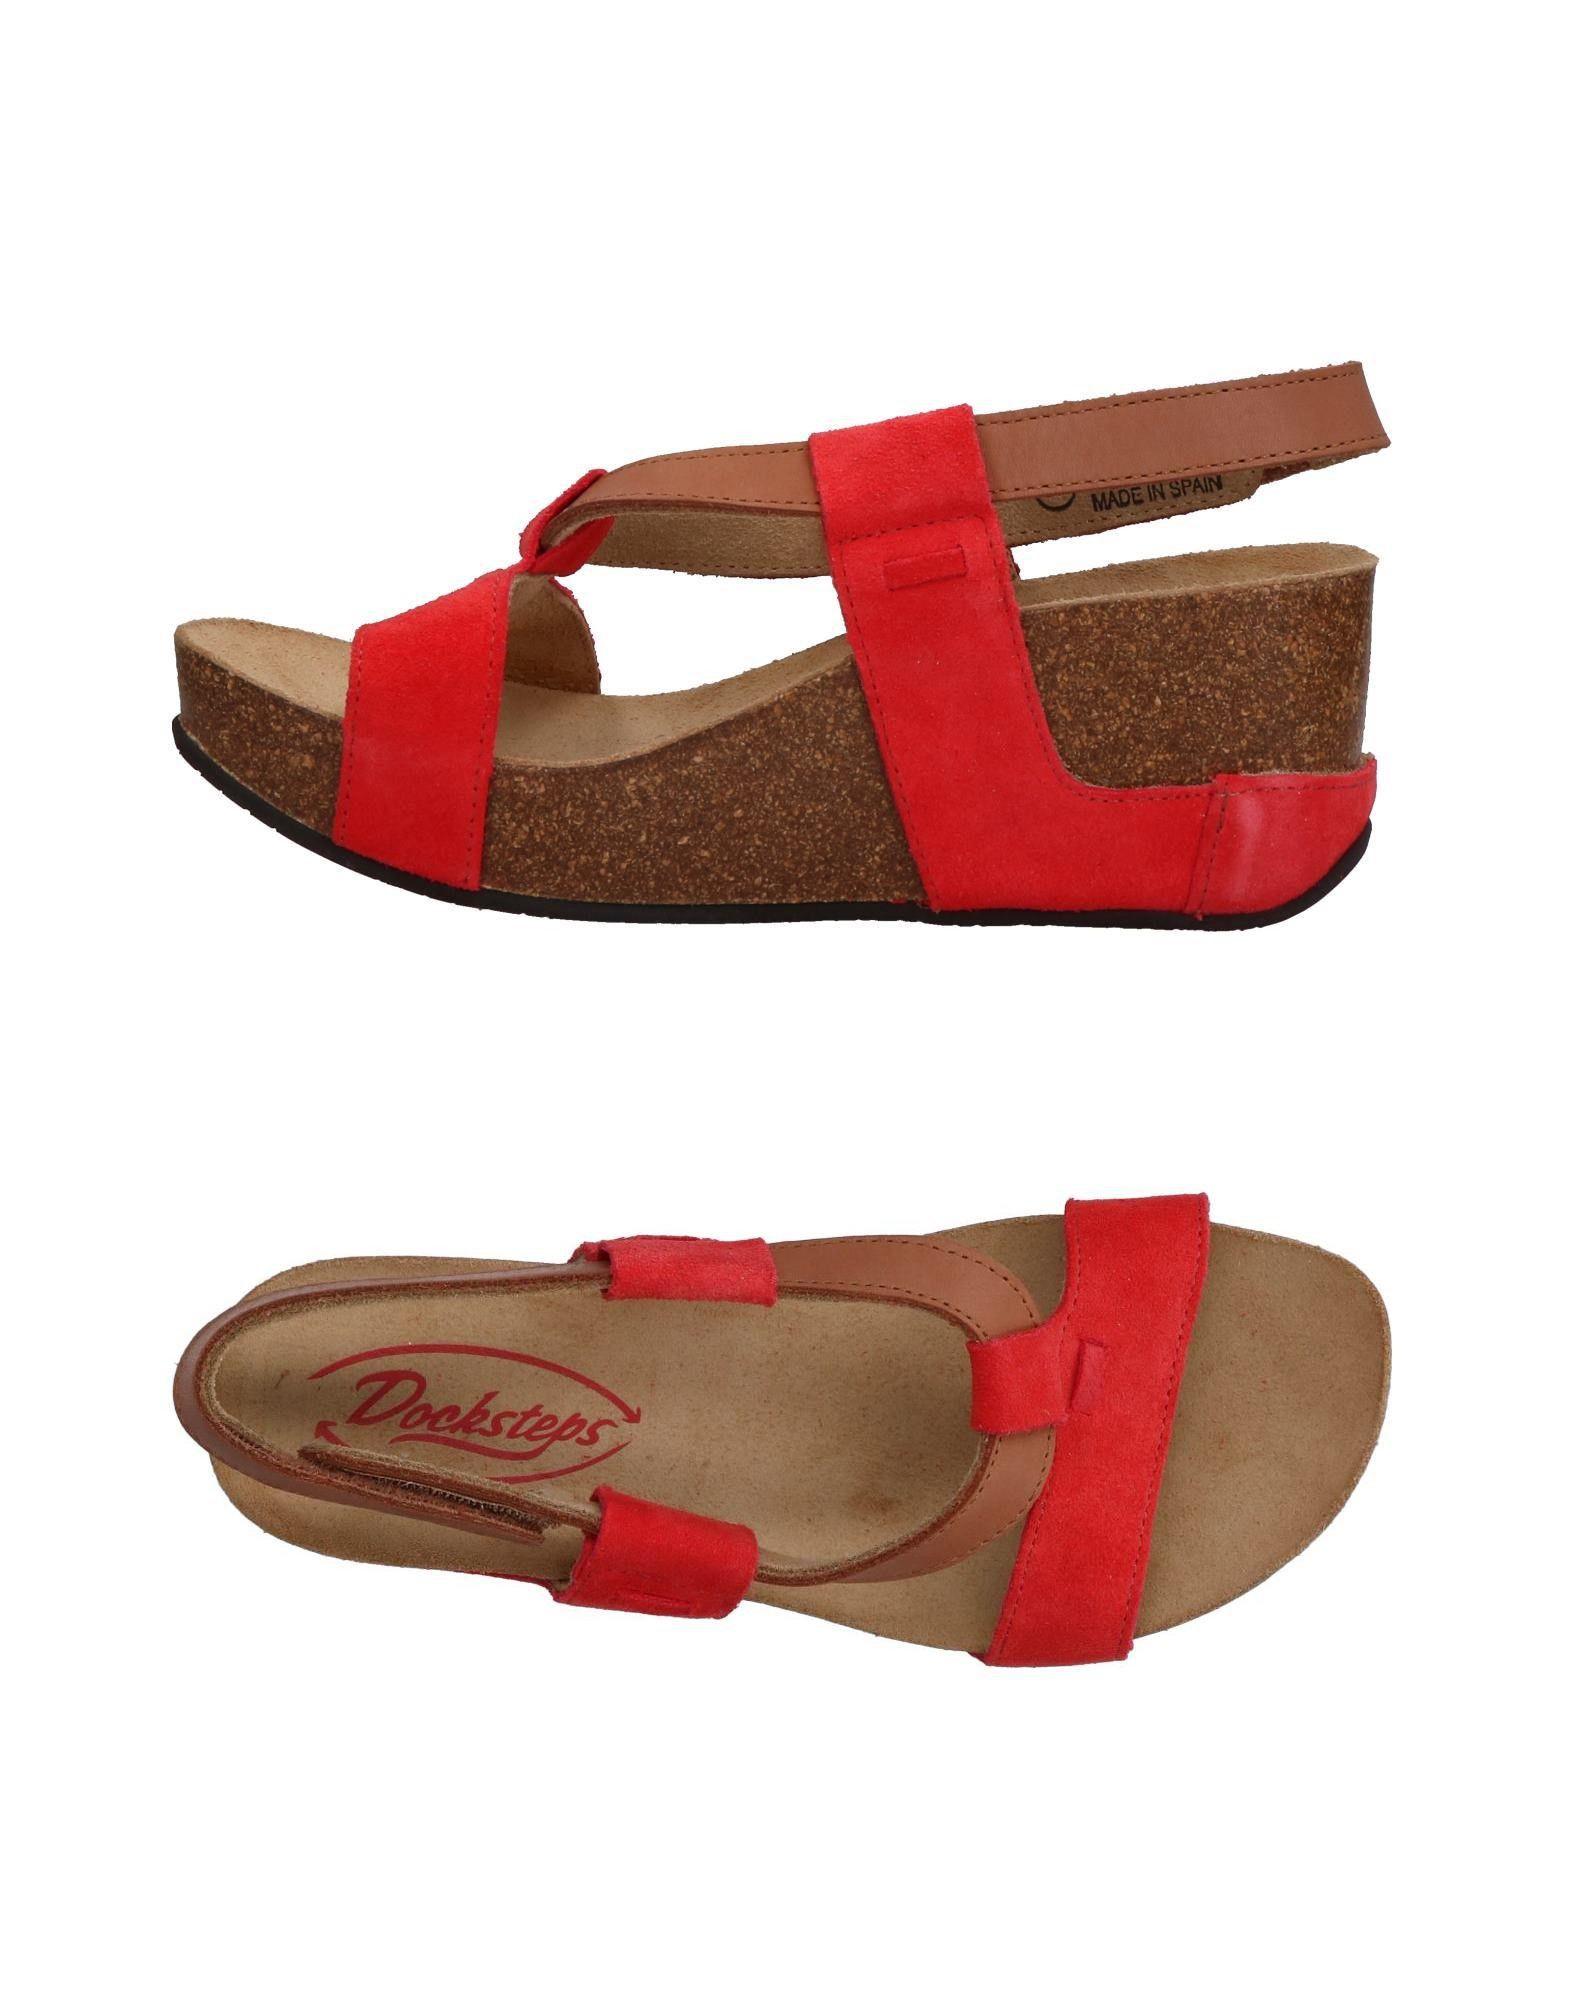 Sandales Docksteps Femme - Sandales Docksteps sur